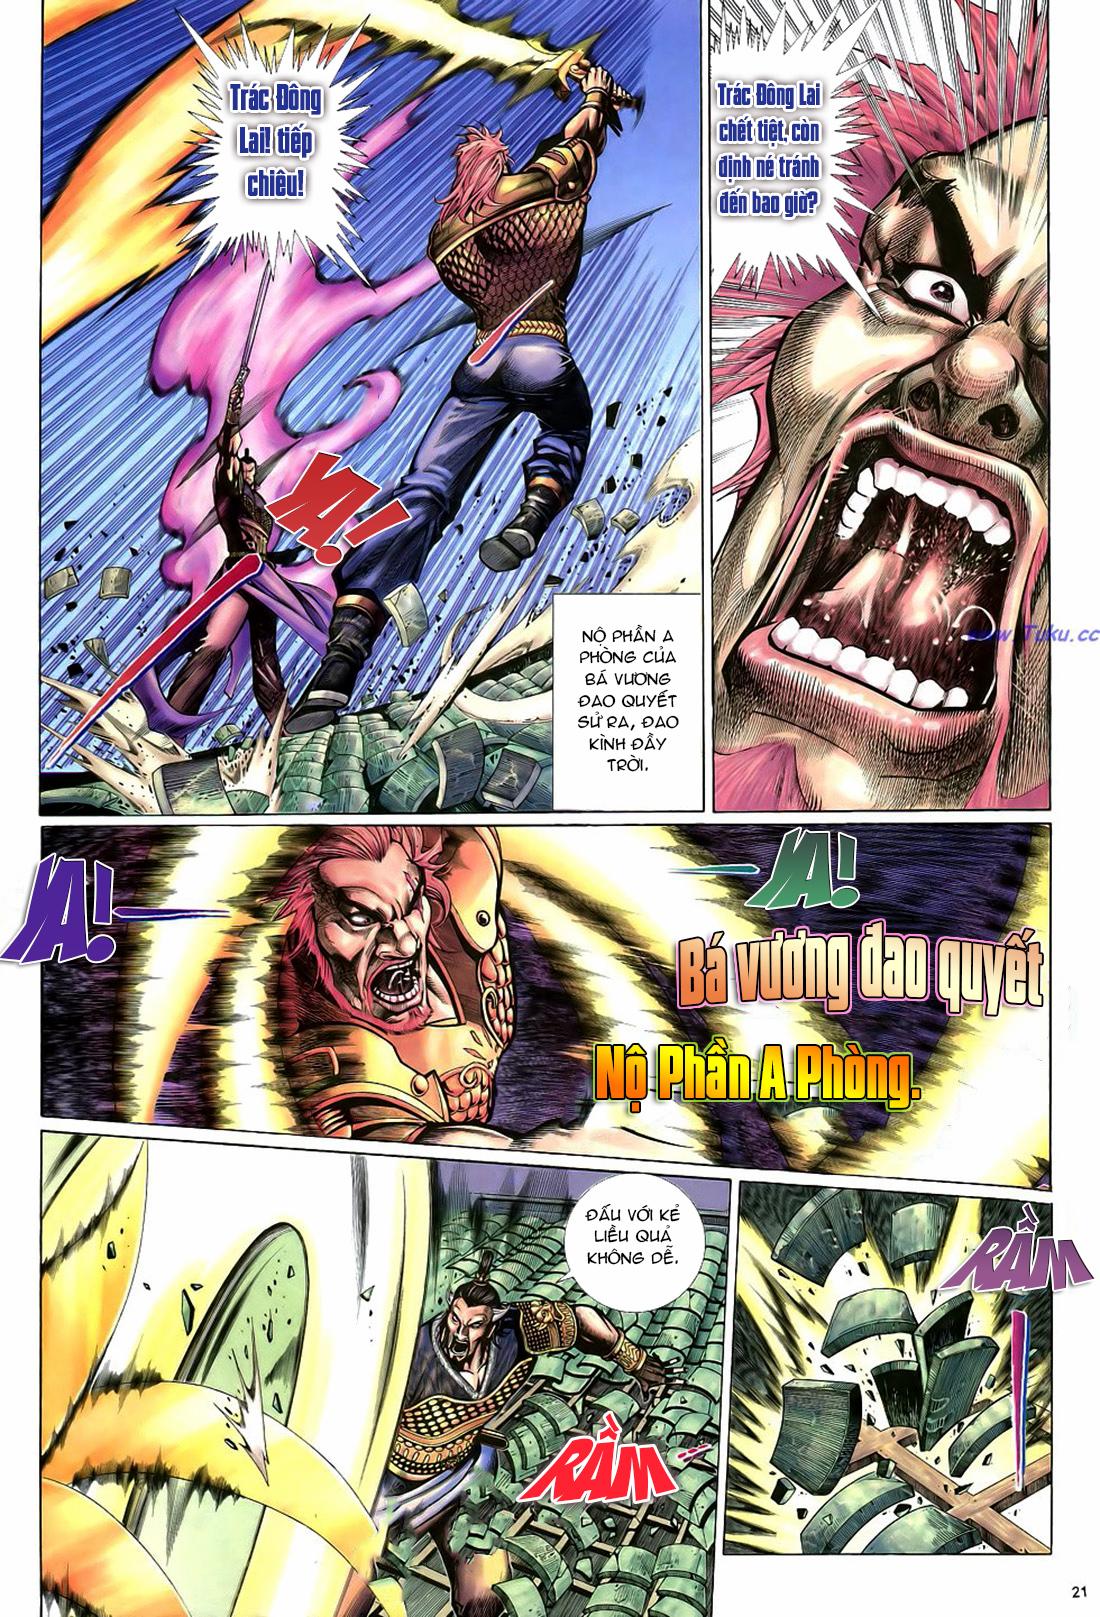 Anh hùng vô lệ Chap 22 trang 22